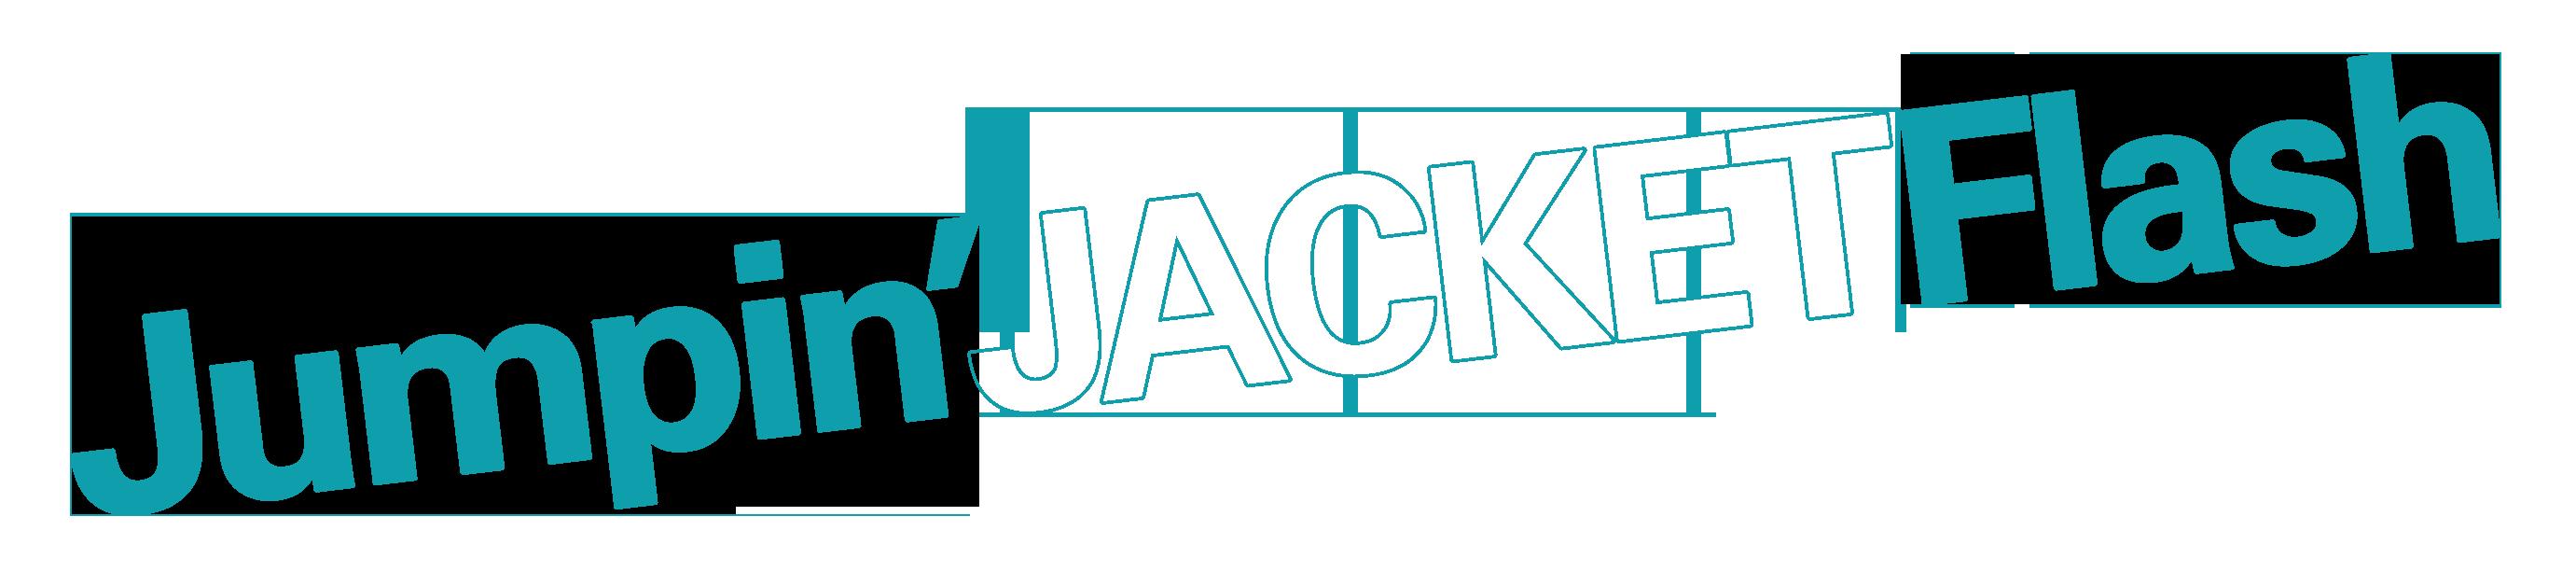 Jampin Jacket Flash